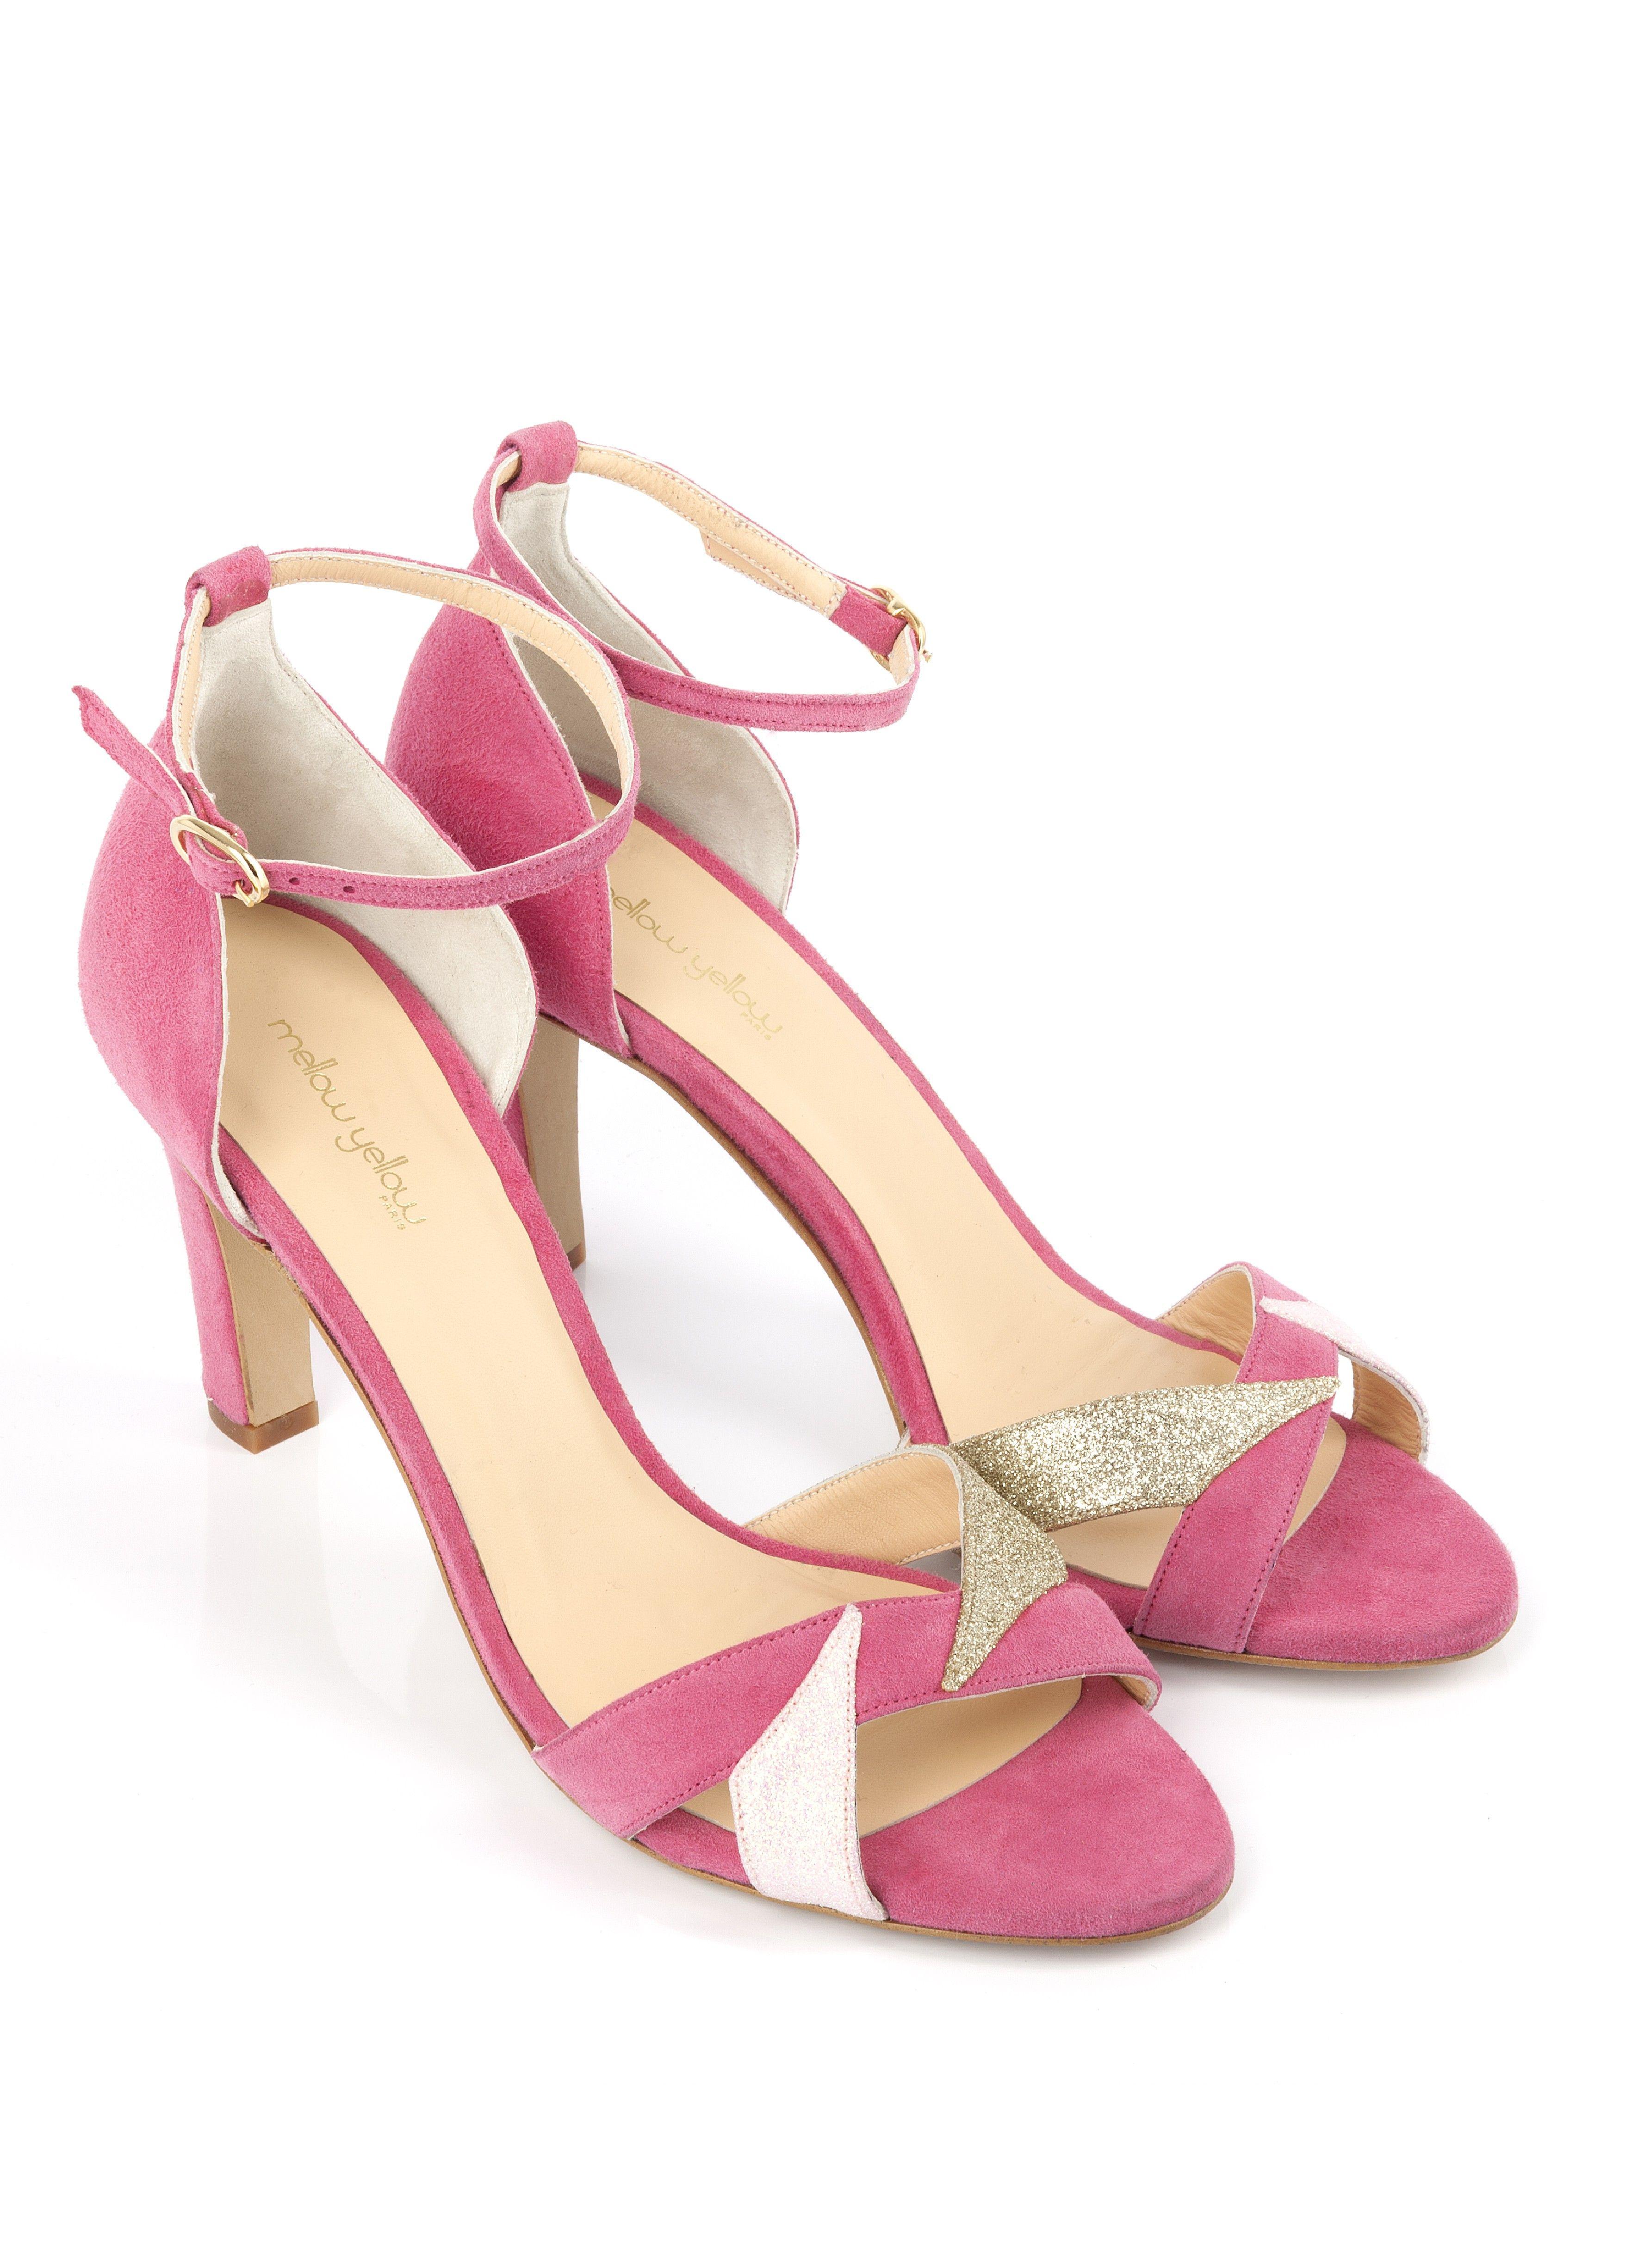 Belle perle Sexy Point de métal Toe Patent Leahter Hauts talons Chaussures femme Escarpins Sandales noires Talons Chaussures,rose,37